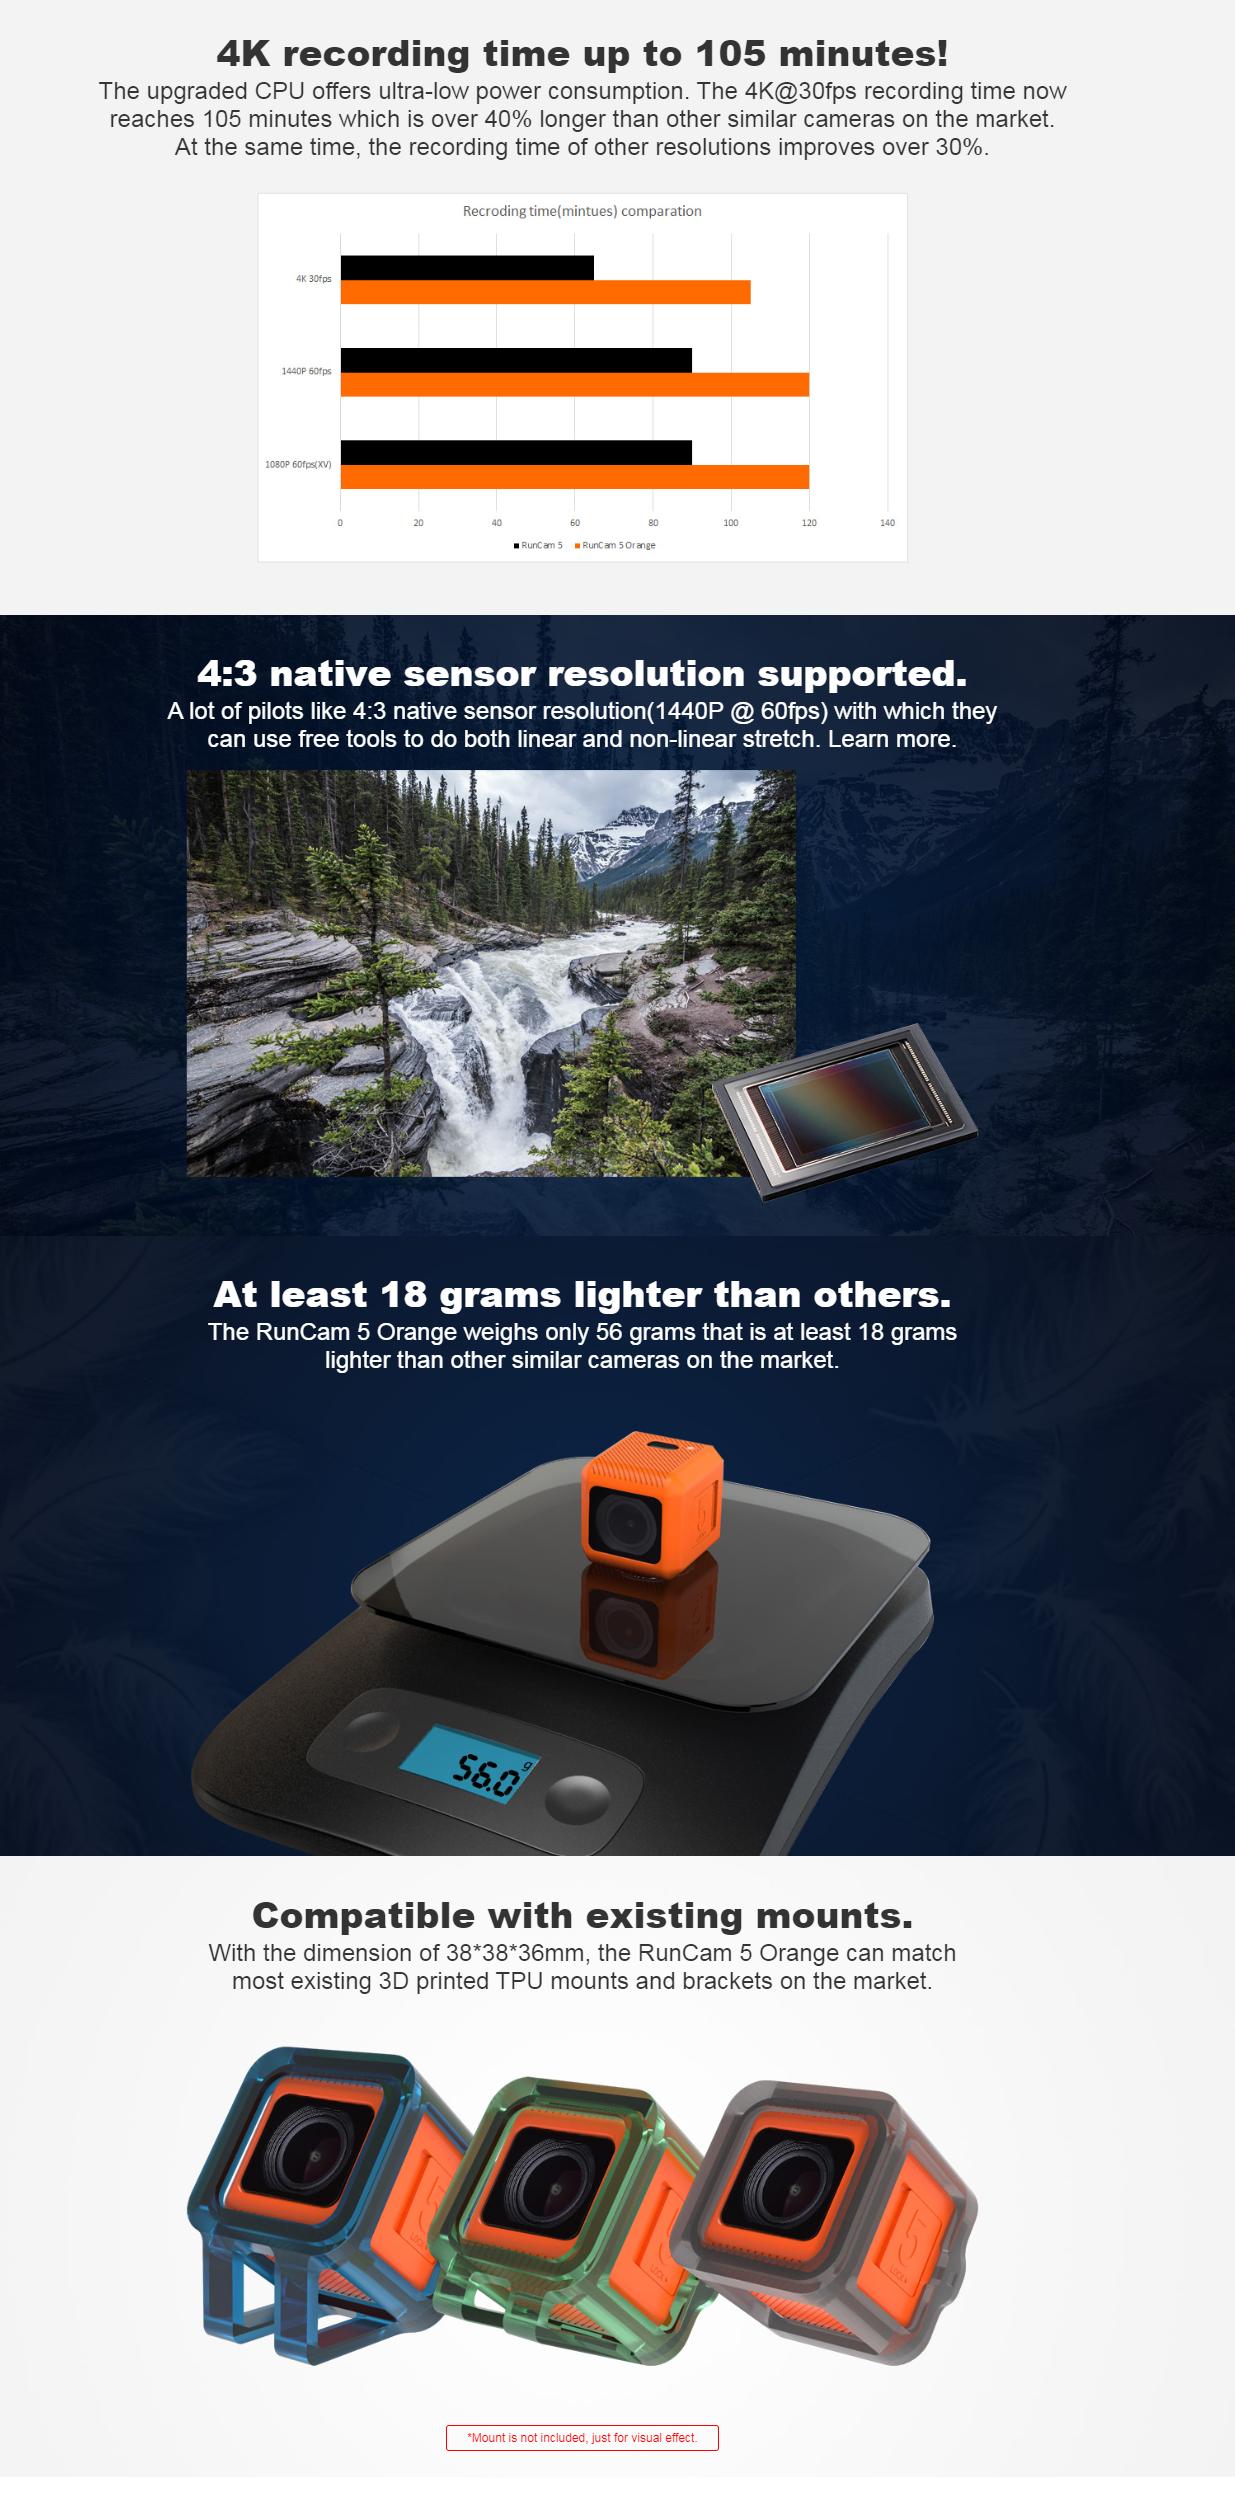 specs of the Runcam 5 orange camera